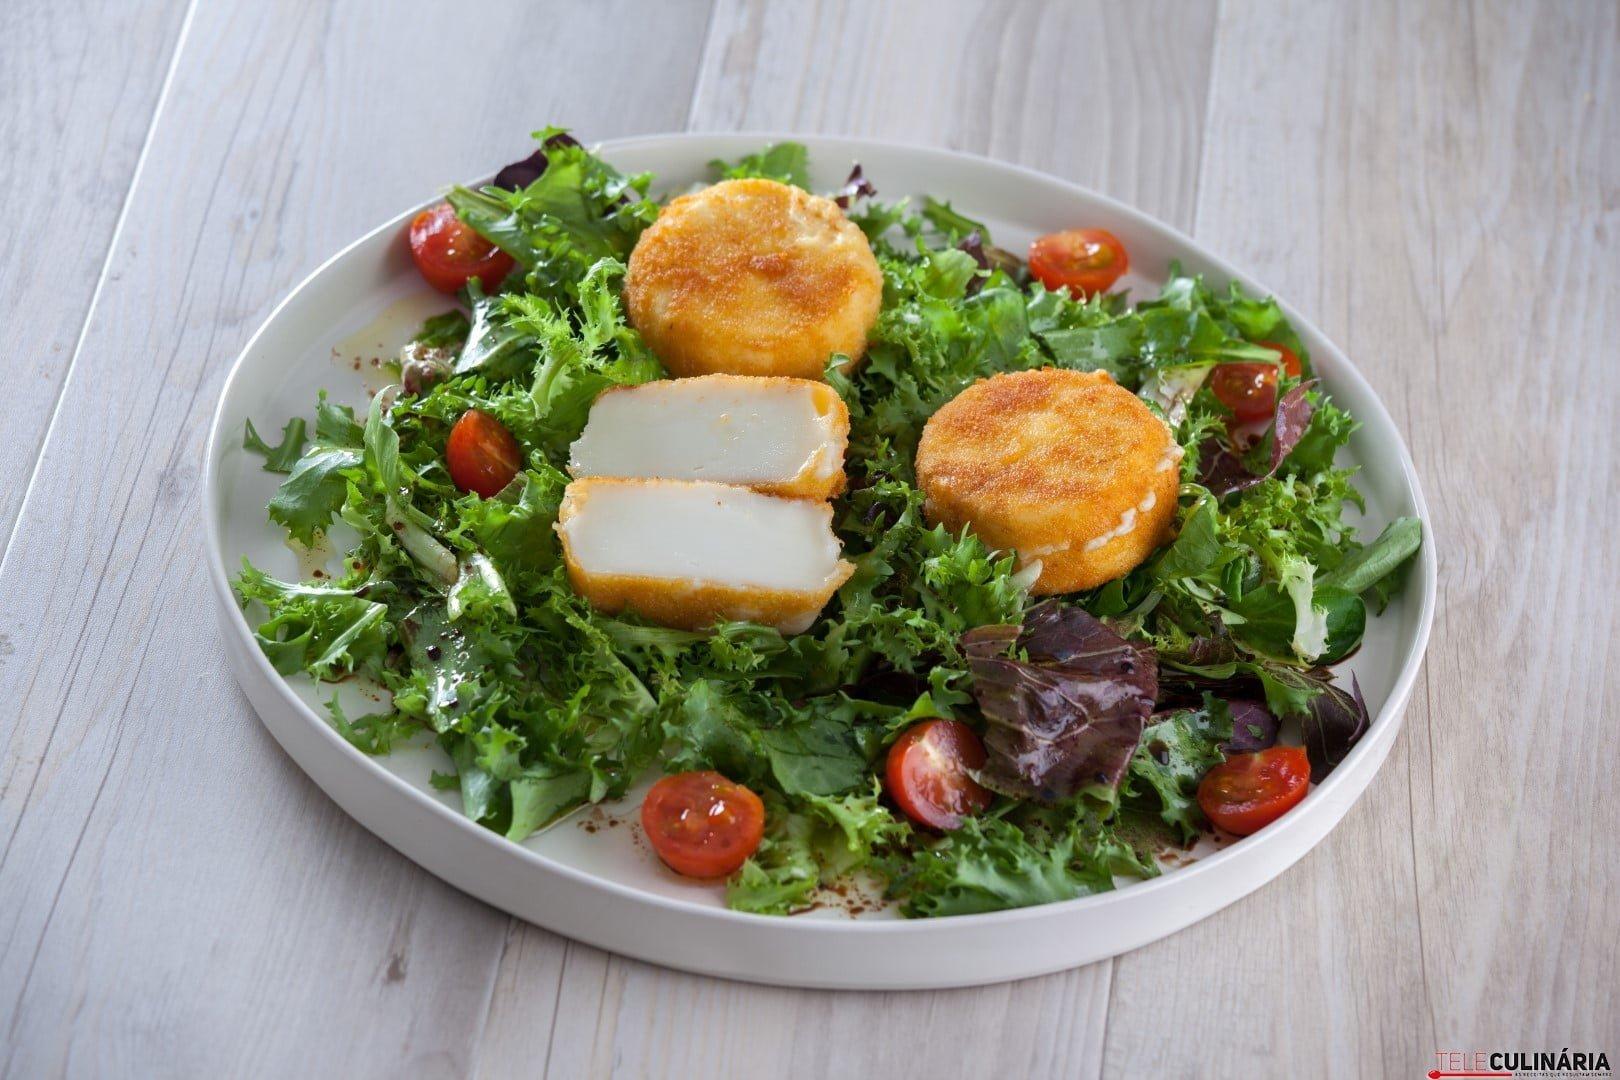 Queijo de cabra dourada com salada CHLM 4 Large